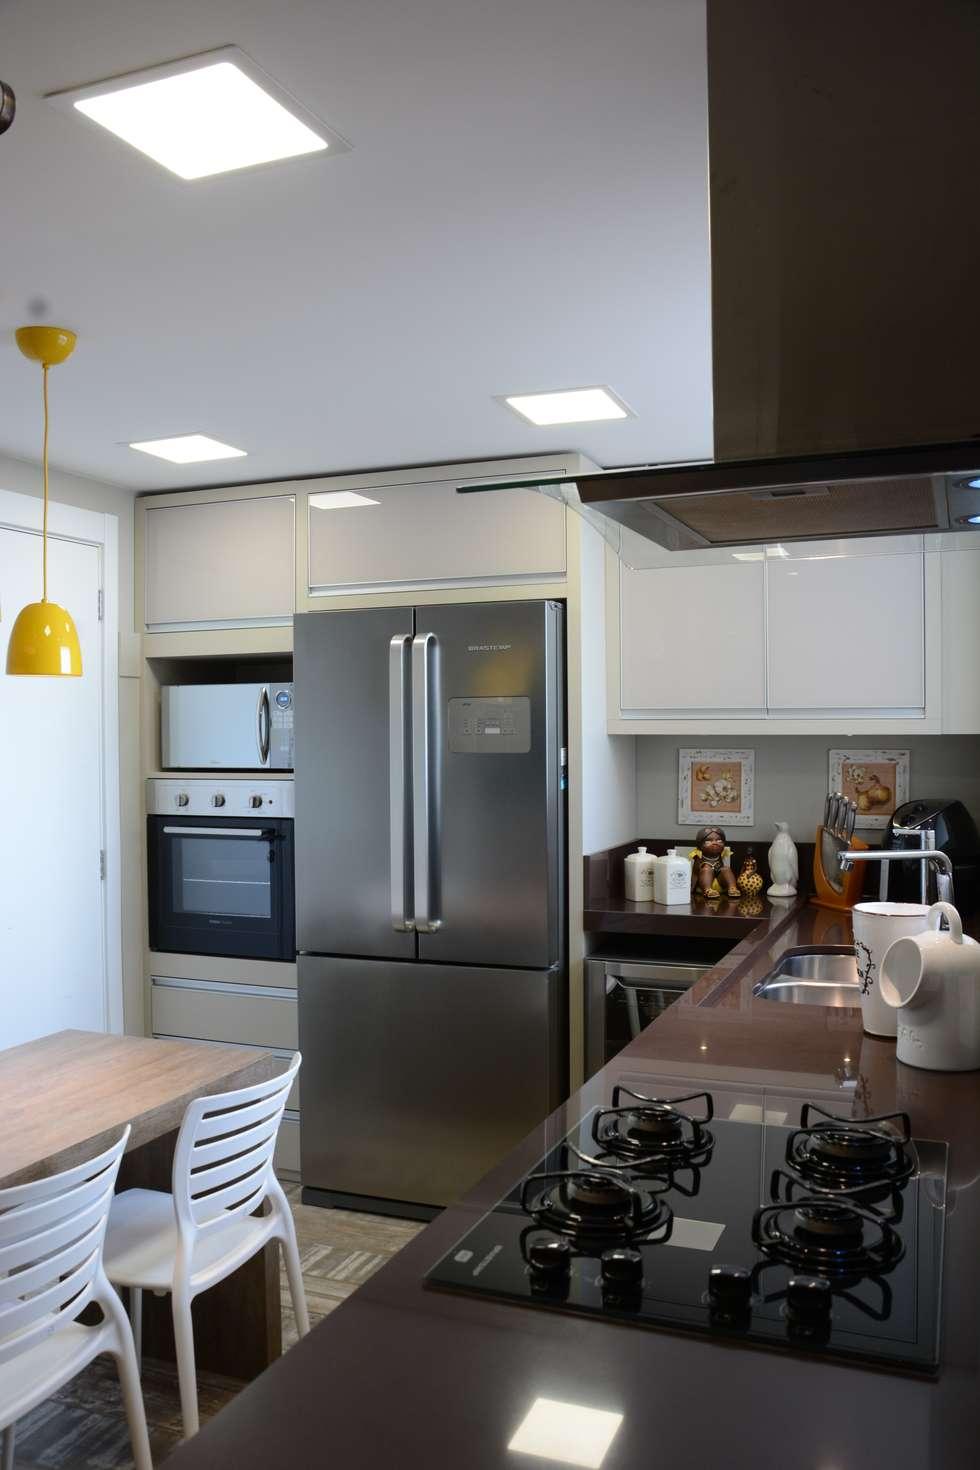 Cozinha Moderna Com Toques Em Estilo R Stico Por Fernanda Amorim